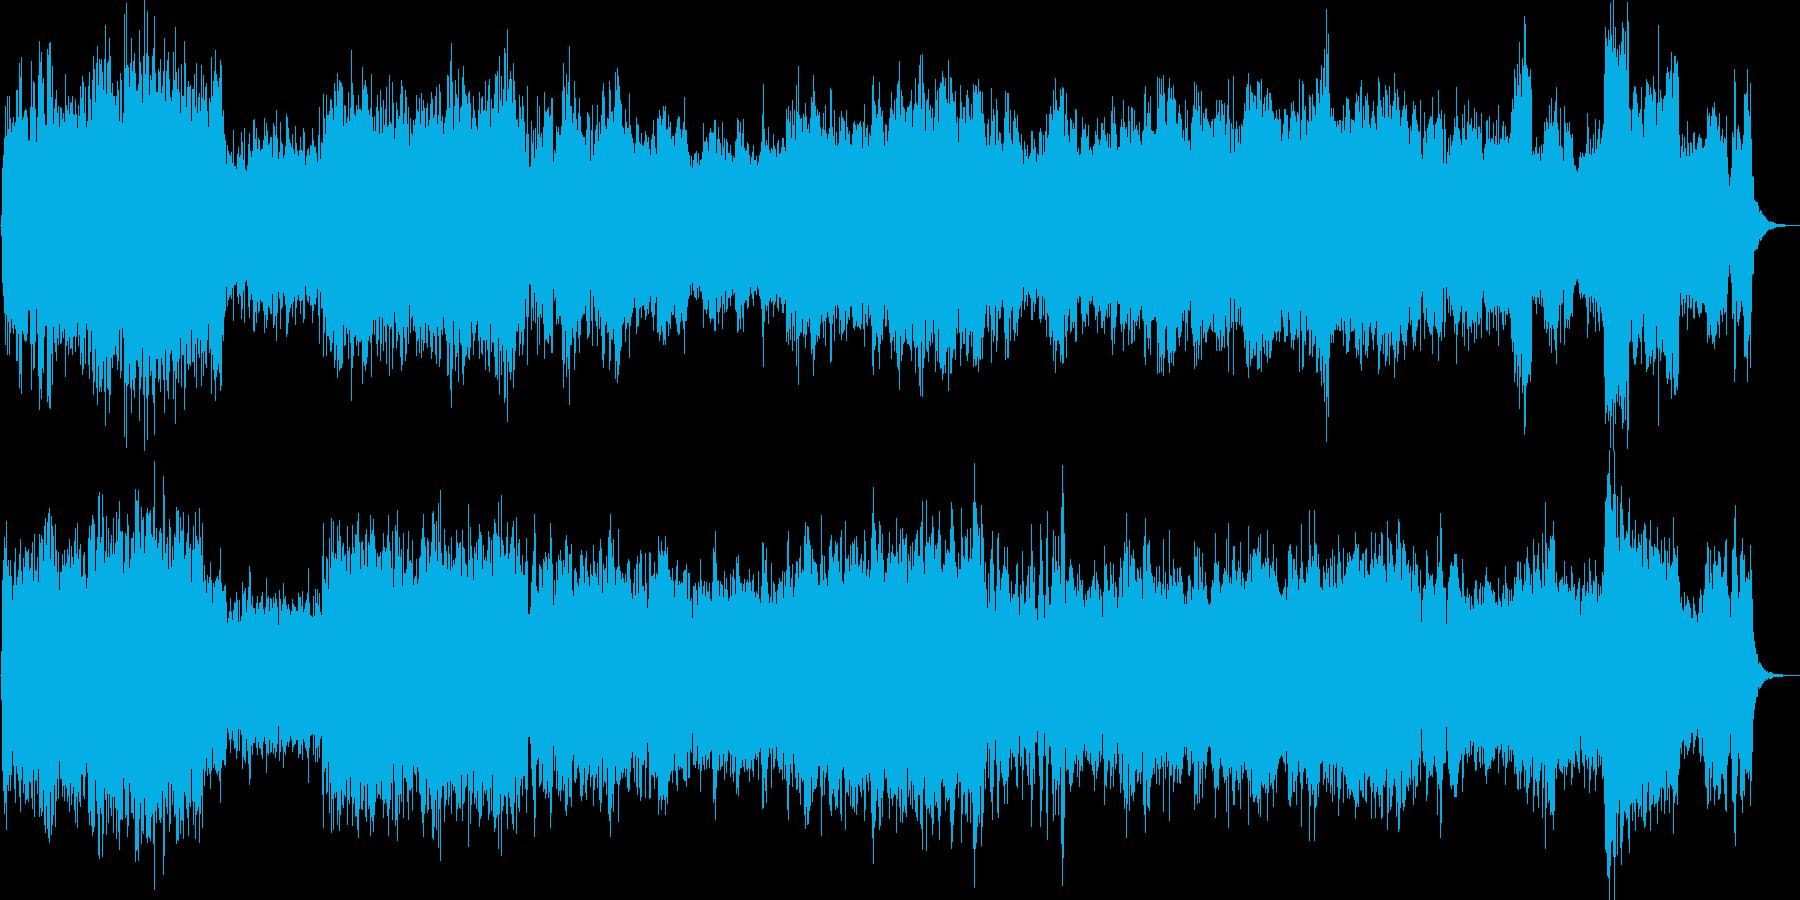 全編攻撃的なバイオリンが迸るストリングスの再生済みの波形